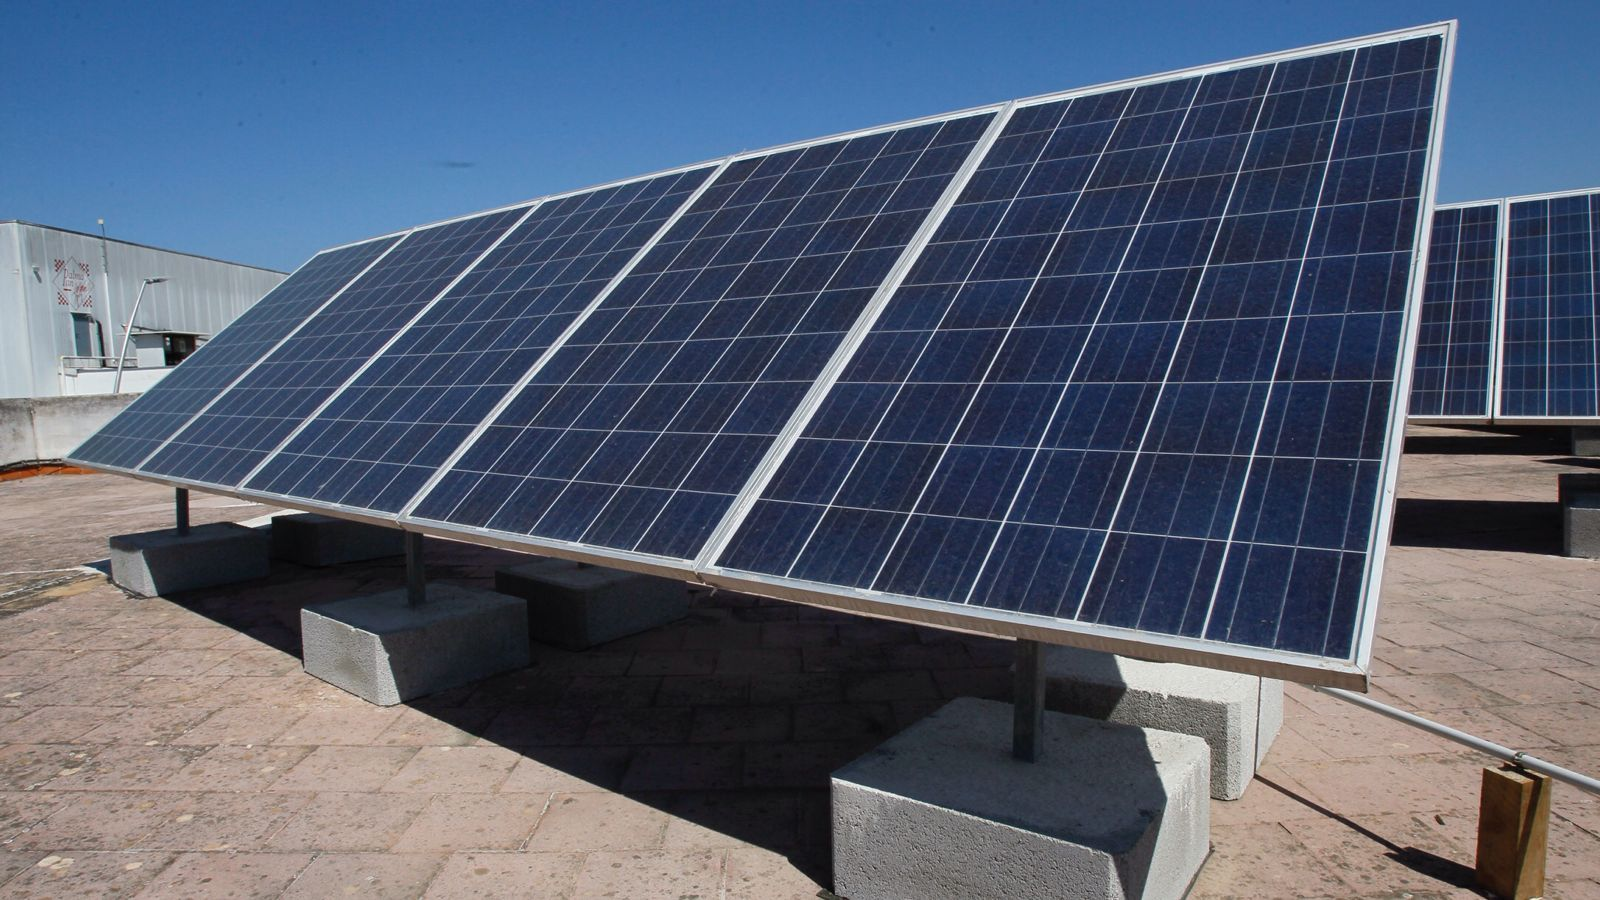 Una de les plaques instalades a la teulada de la fàbrica, subvencionades pel Govern.